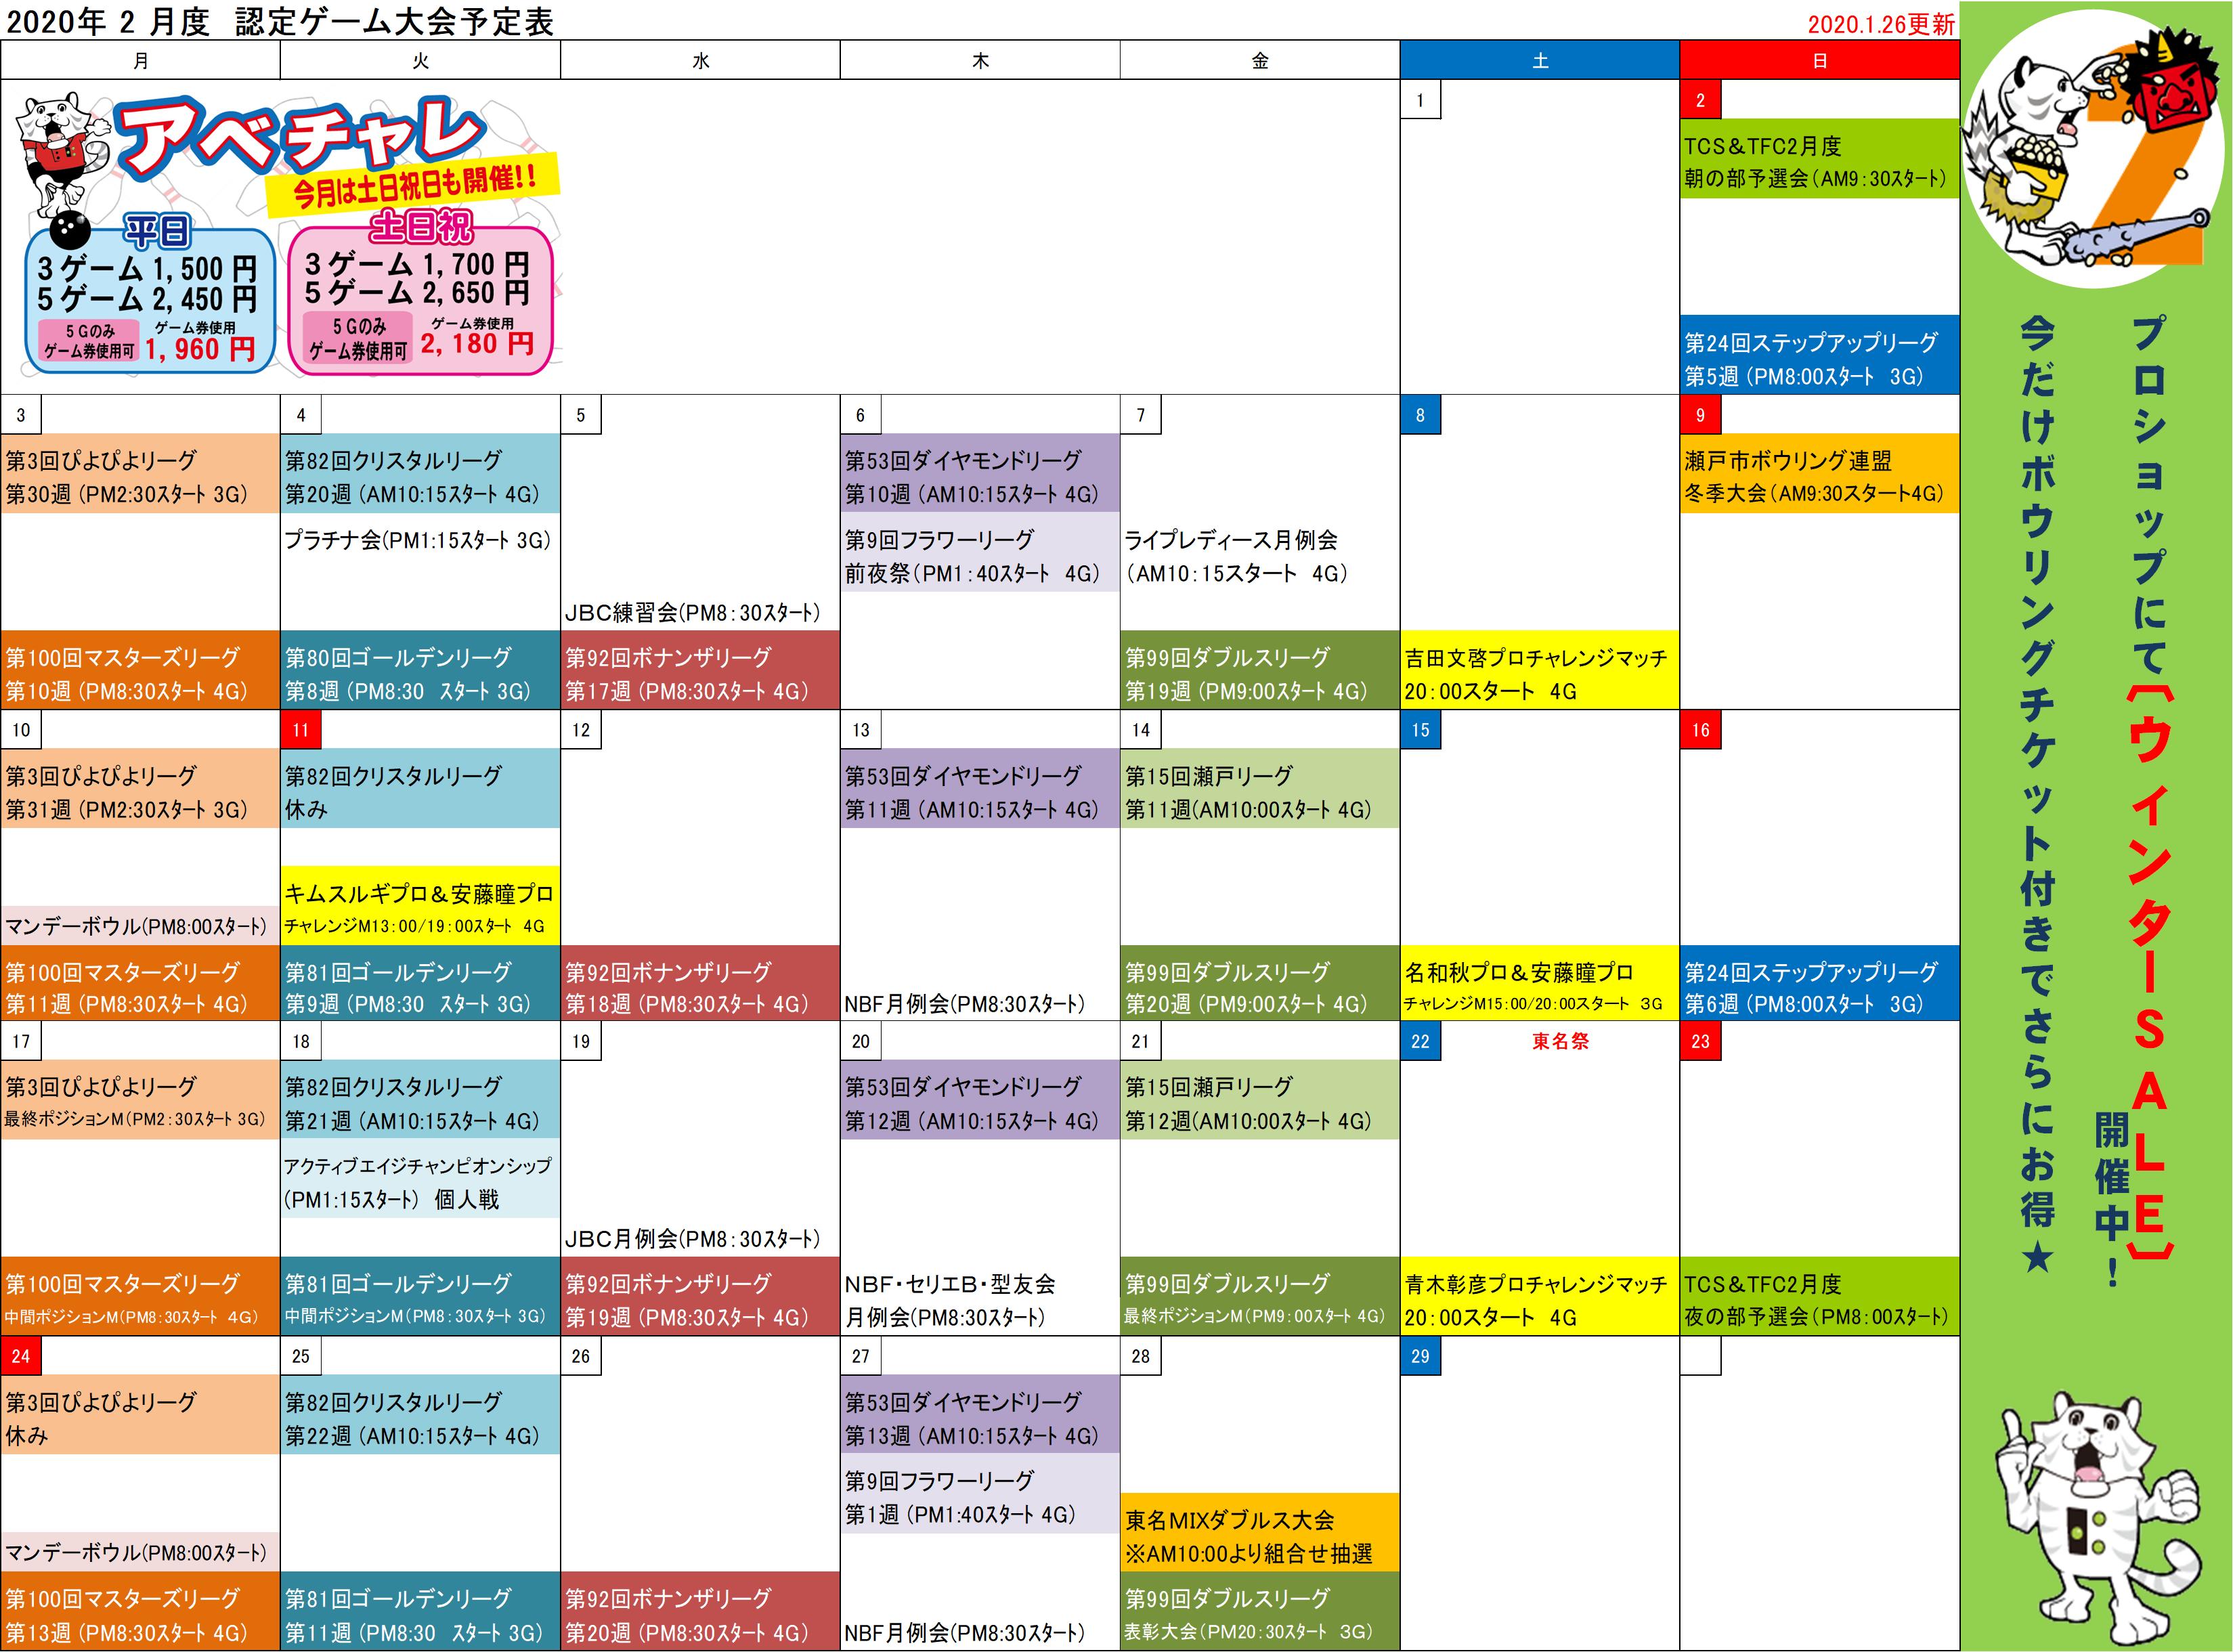 ★会員様向け★2月認定ゲーム大会予定表